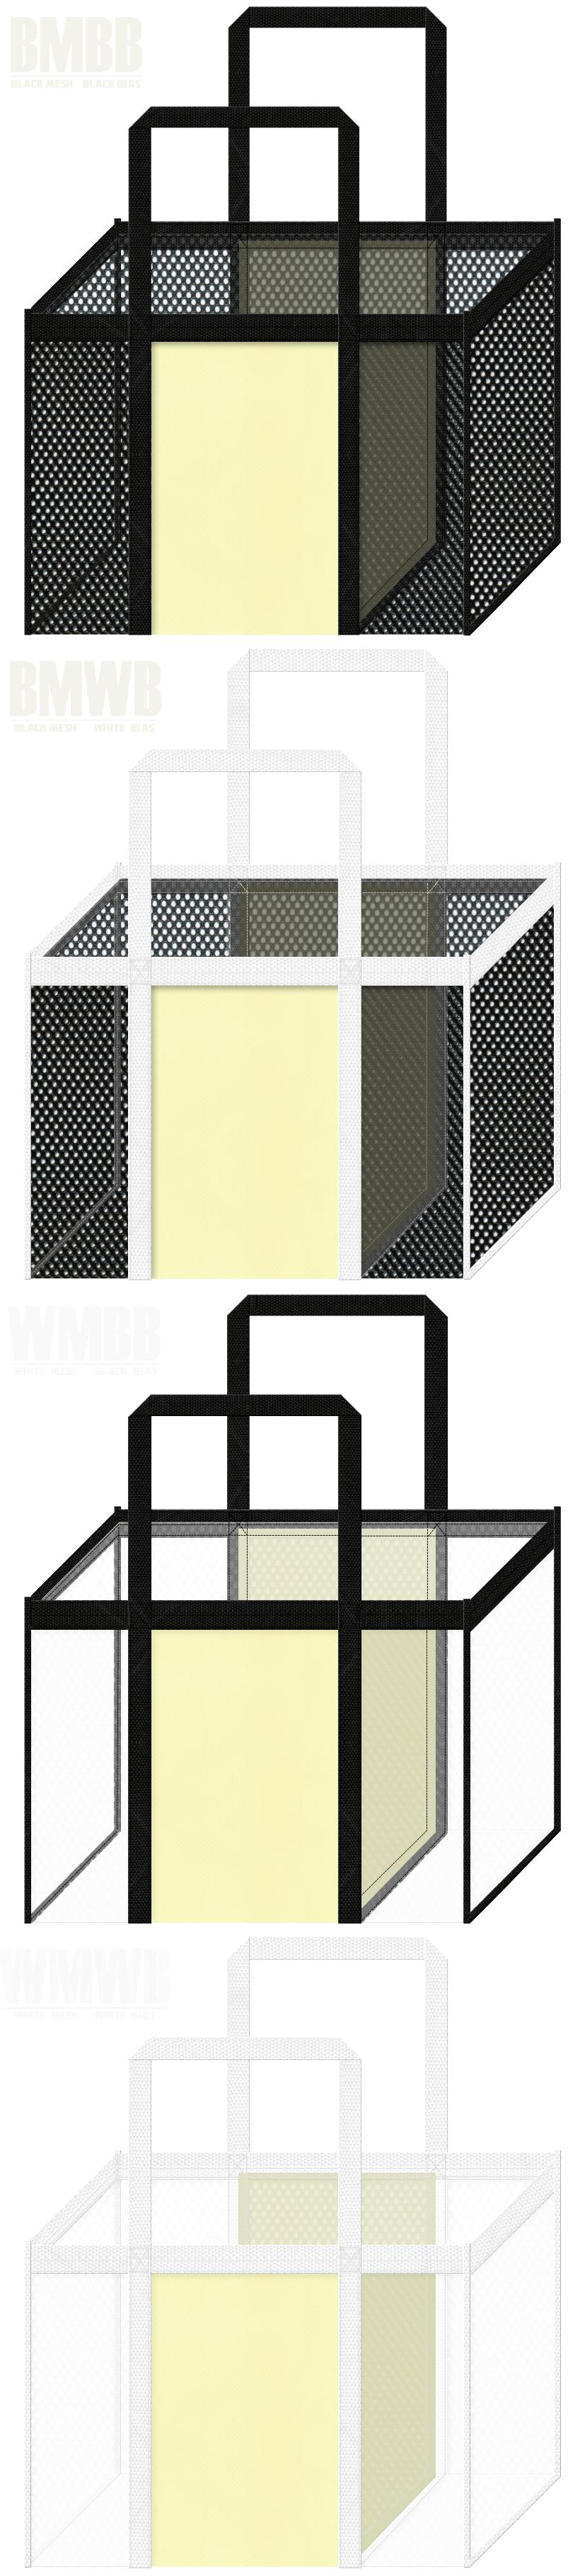 角型メッシュバッグのカラーシミュレーション:黒色・白色メッシュと薄黄色不織布の組み合わせ